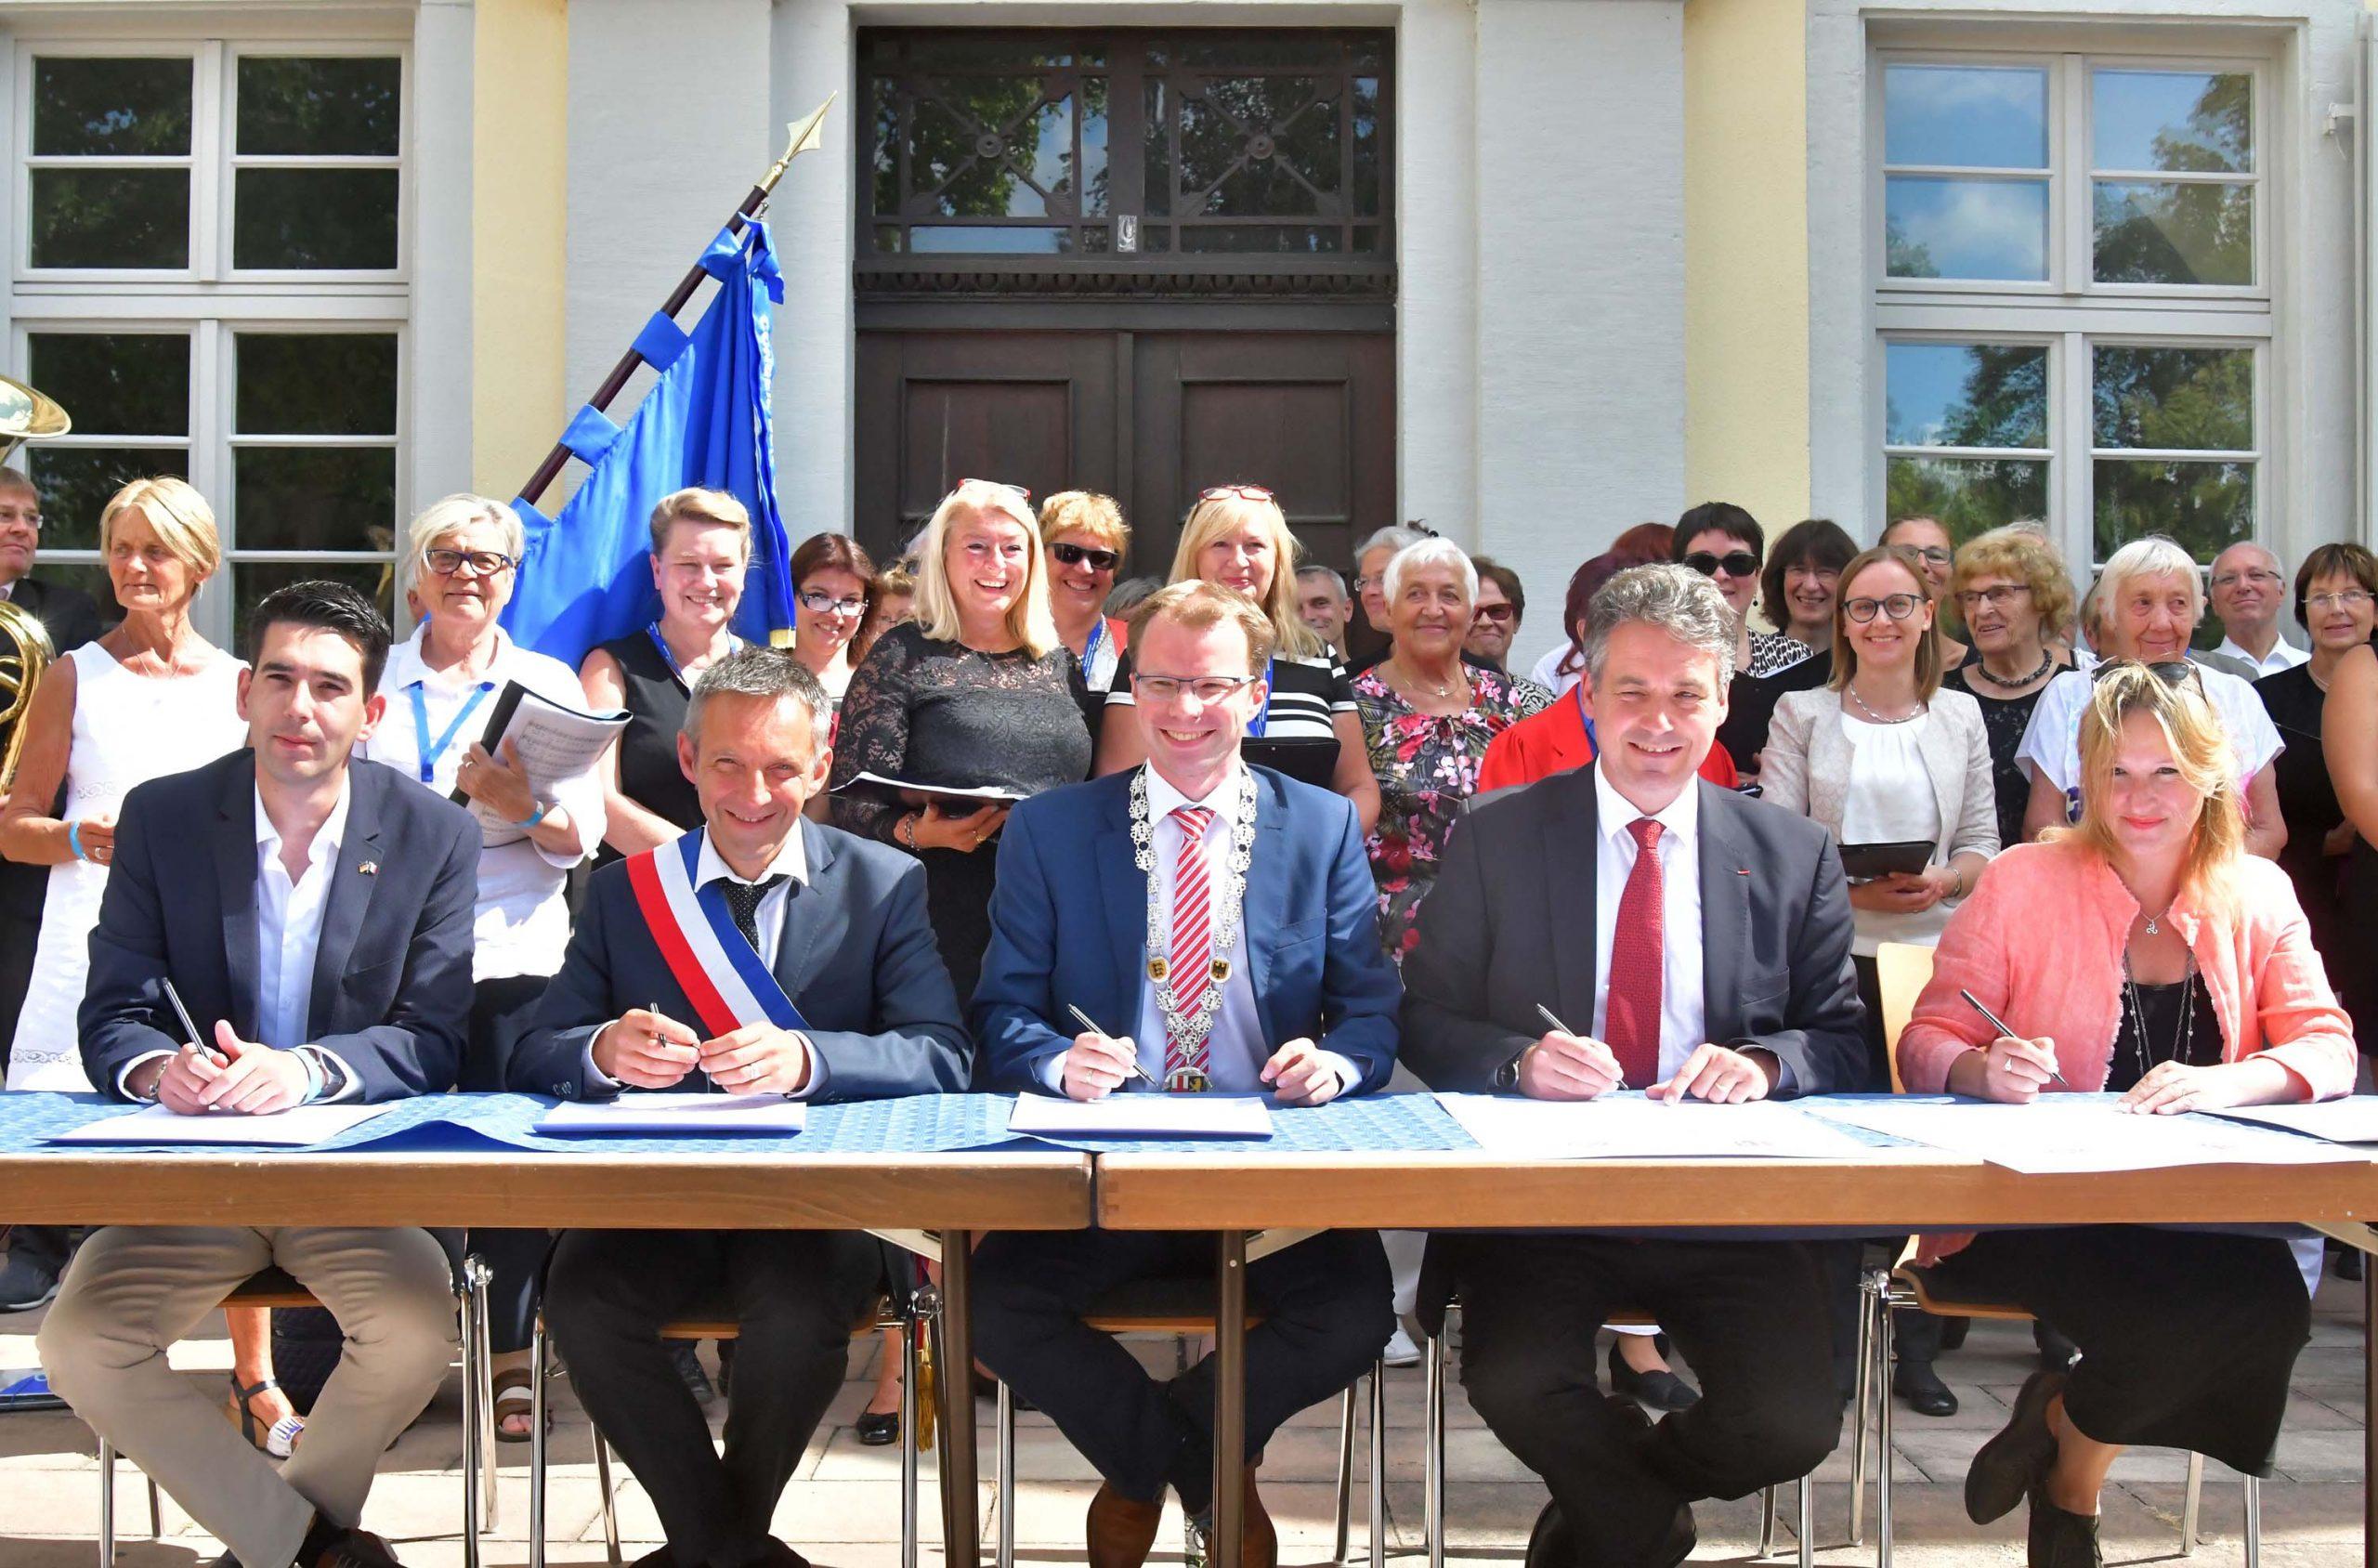 Les maires de Plouguerneau et Edingen-Neckarhausen ainsi que les présidents des jumelages se sont retrouvés pour la journée du Jumelage